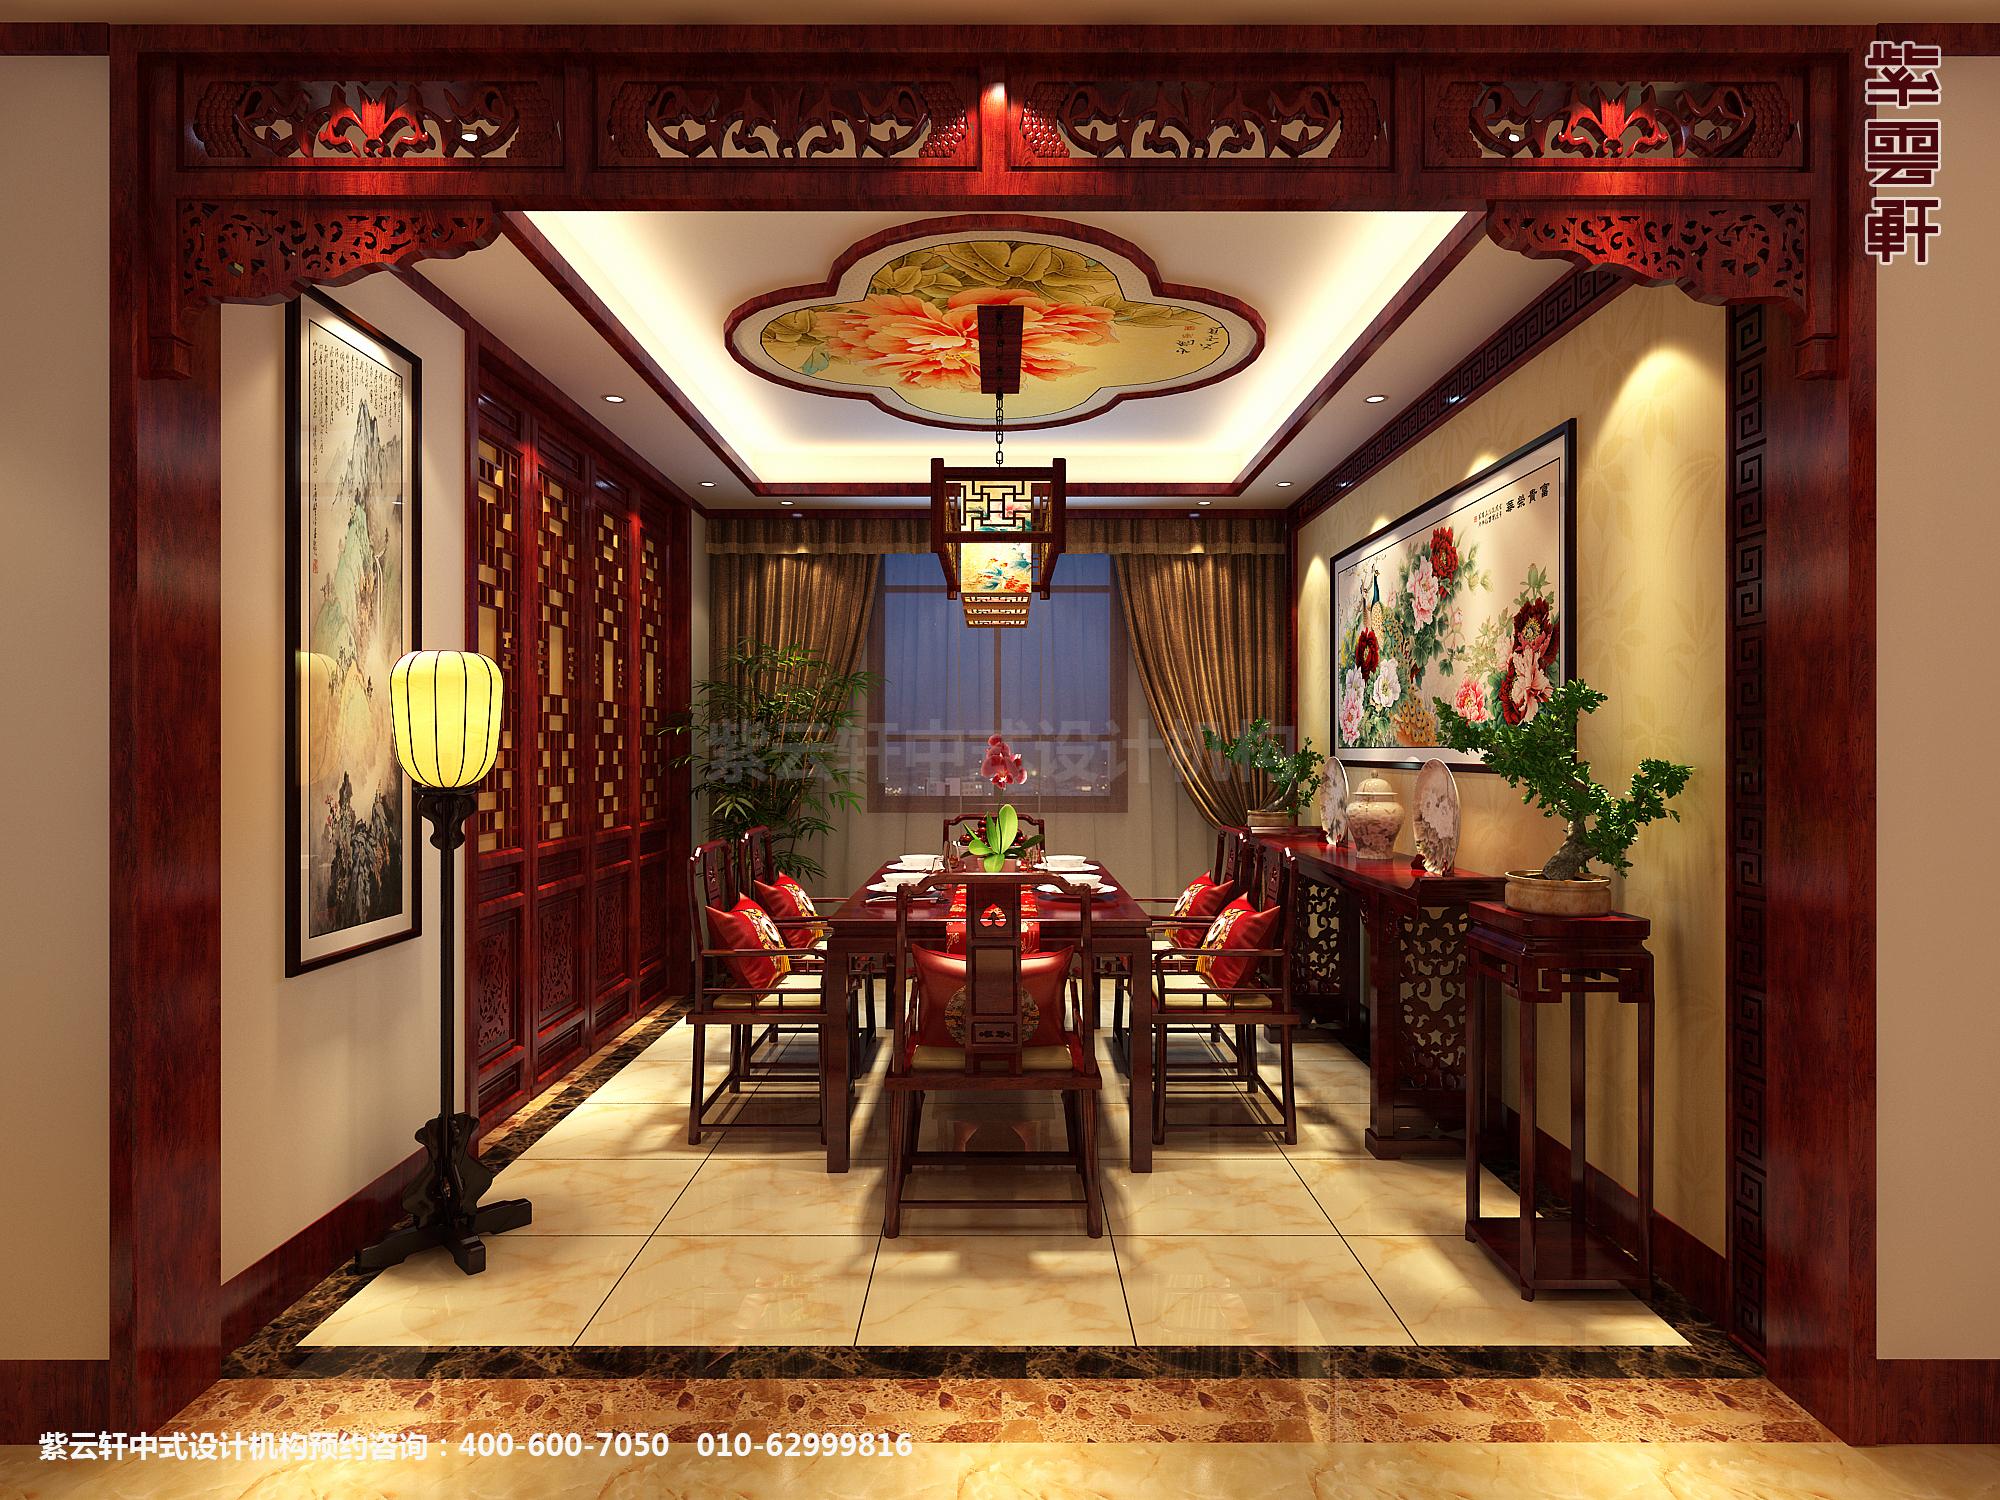 天津书画家住宅中式设计案例,餐厅中式装修效果图